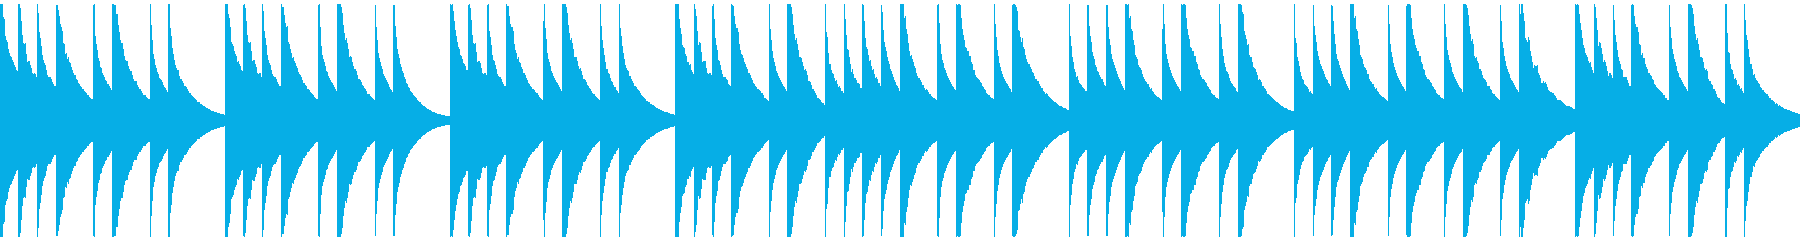 優しくゆったりとしたオルゴール曲の再生済みの波形